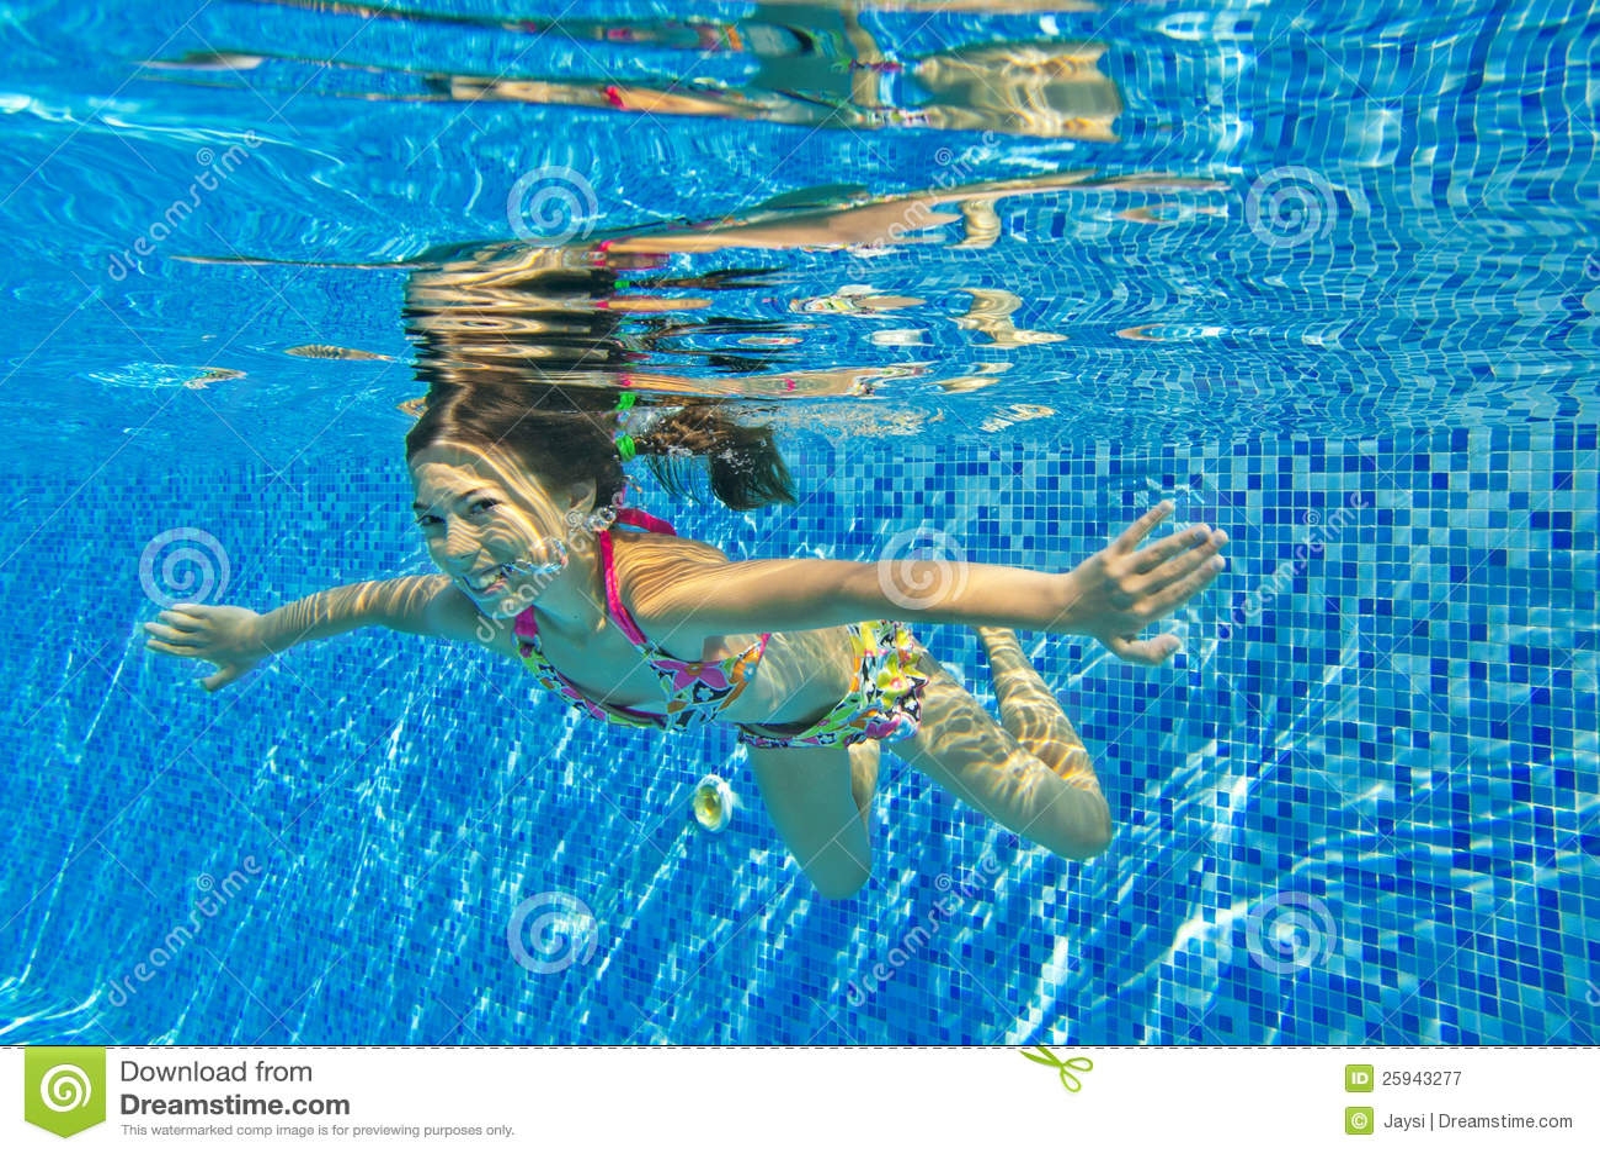 child swimming underwater - photo #17